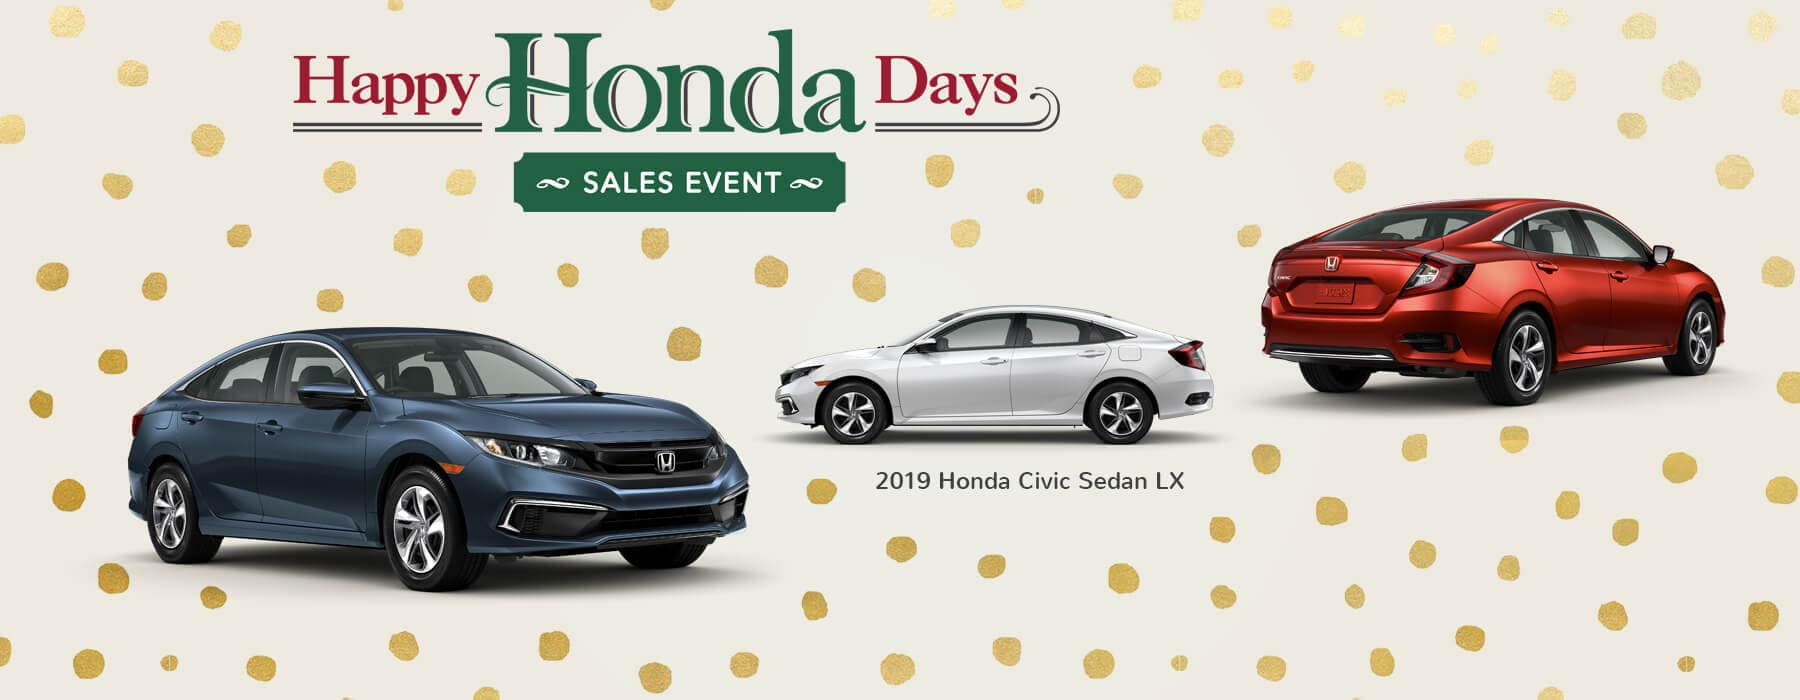 Happy Honda Days Sales Event 2019 Honda Civic Sedan Slider